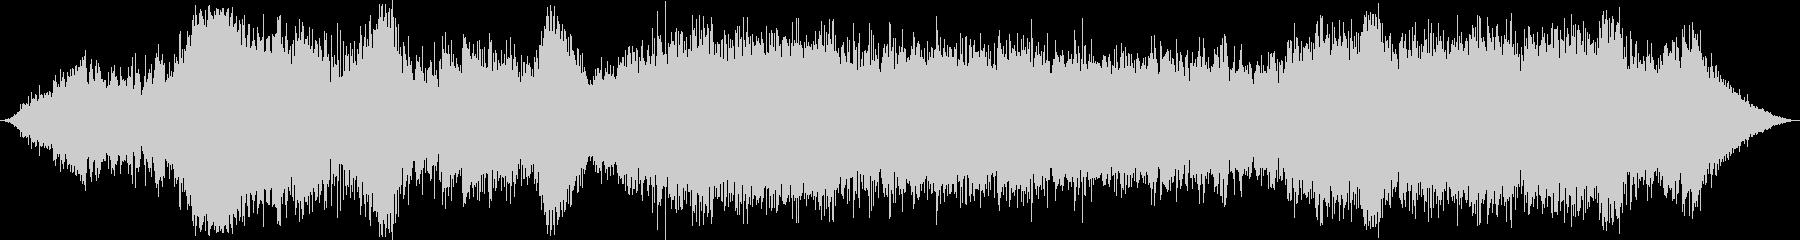 ラジオ制作シーン:カーチェイス:ス...の未再生の波形